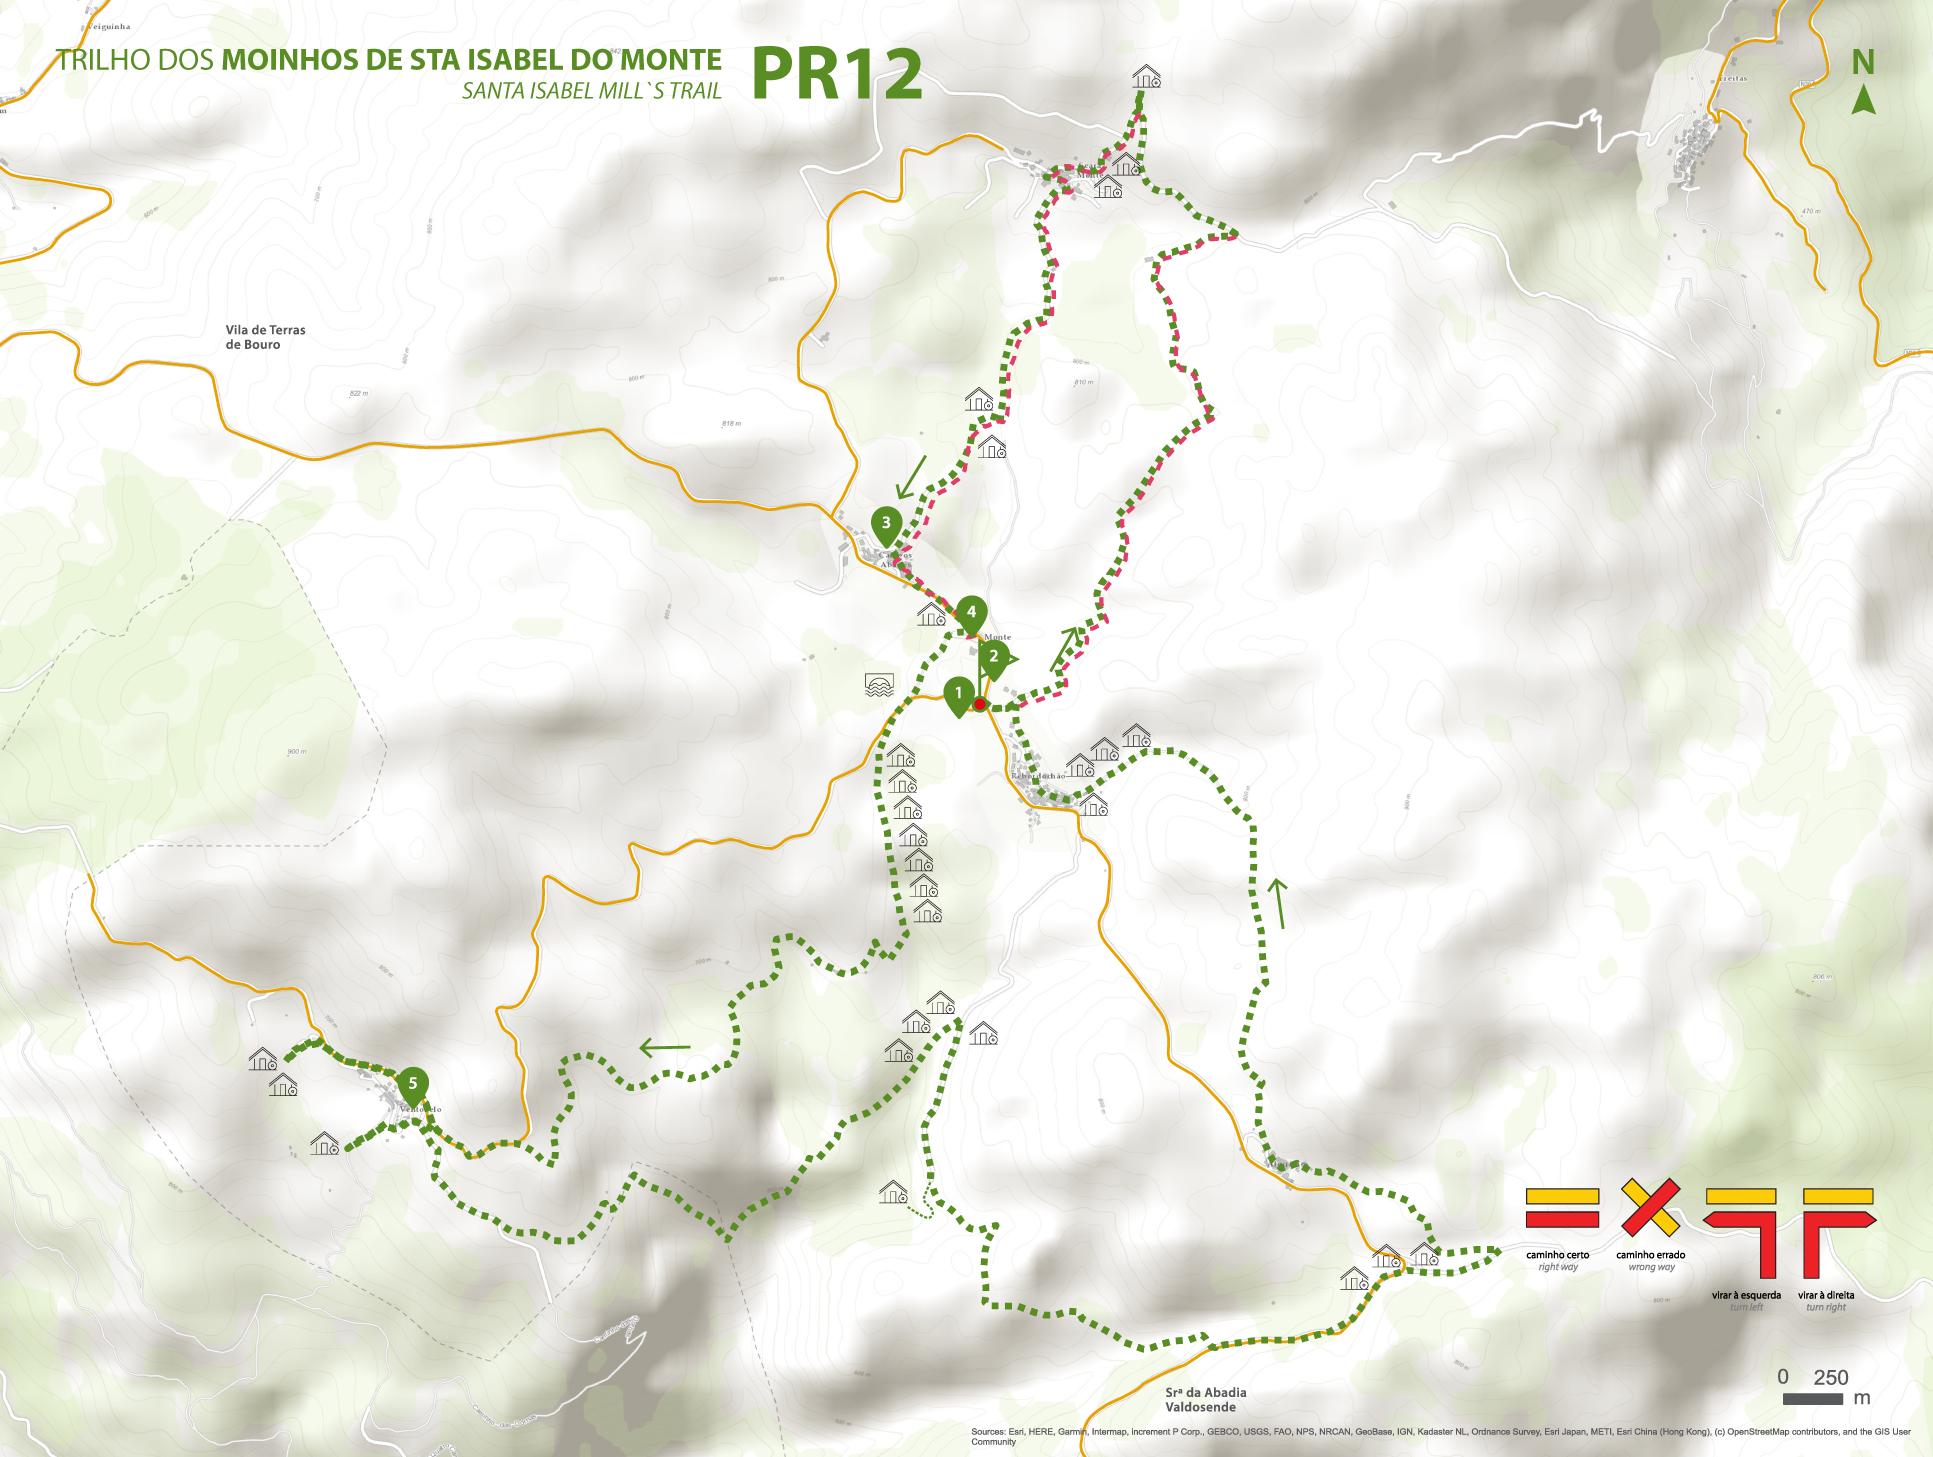 Mapa de Percurso - PR12 Trilho dos Moinhos de Sta. Isabel do Monte